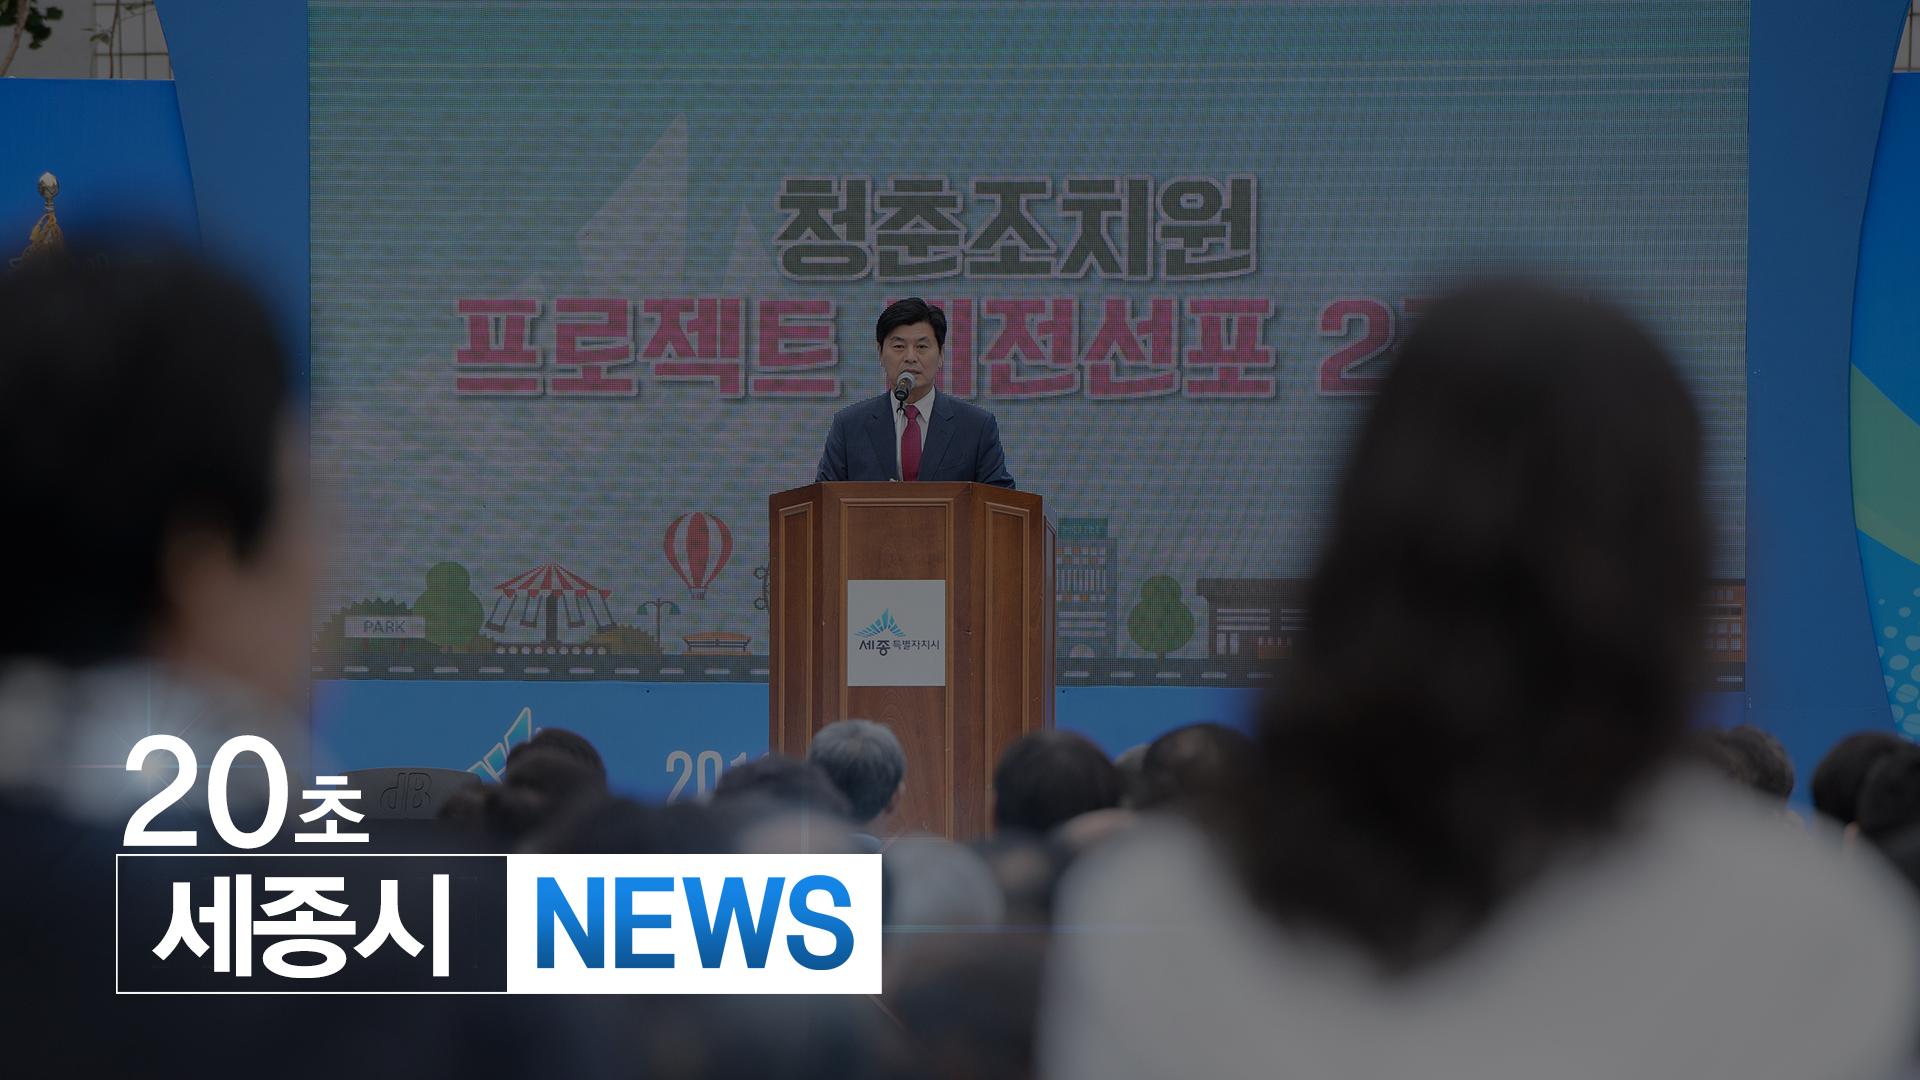 <20초뉴스> '청춘조치원 사업'기반 탄탄하게 다졌다